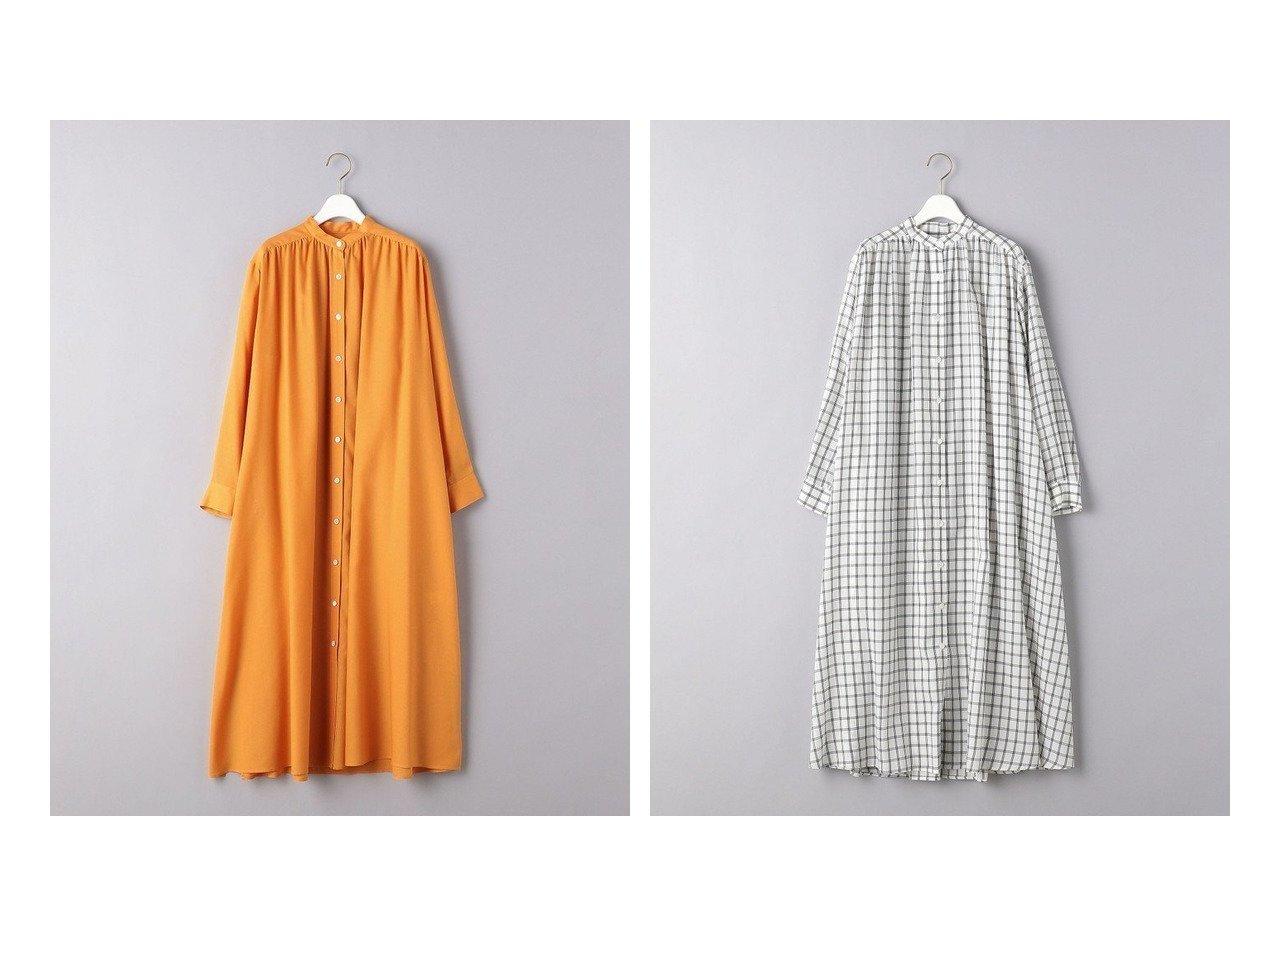 【UNITED ARROWS/ユナイテッドアローズ】のUWSC バンドカラー シャツワンピース 【ワンピース・ドレス】おすすめ!人気、トレンド・レディースファッションの通販  おすすめで人気の流行・トレンド、ファッションの通販商品 メンズファッション・キッズファッション・インテリア・家具・レディースファッション・服の通販 founy(ファニー) https://founy.com/ ファッション Fashion レディースファッション WOMEN ワンピース Dress シャツワンピース Shirt Dresses NEW・新作・新着・新入荷 New Arrivals キャミソール ギャザー ドレープ フロント ヨーク 切替 |ID:crp329100000027657